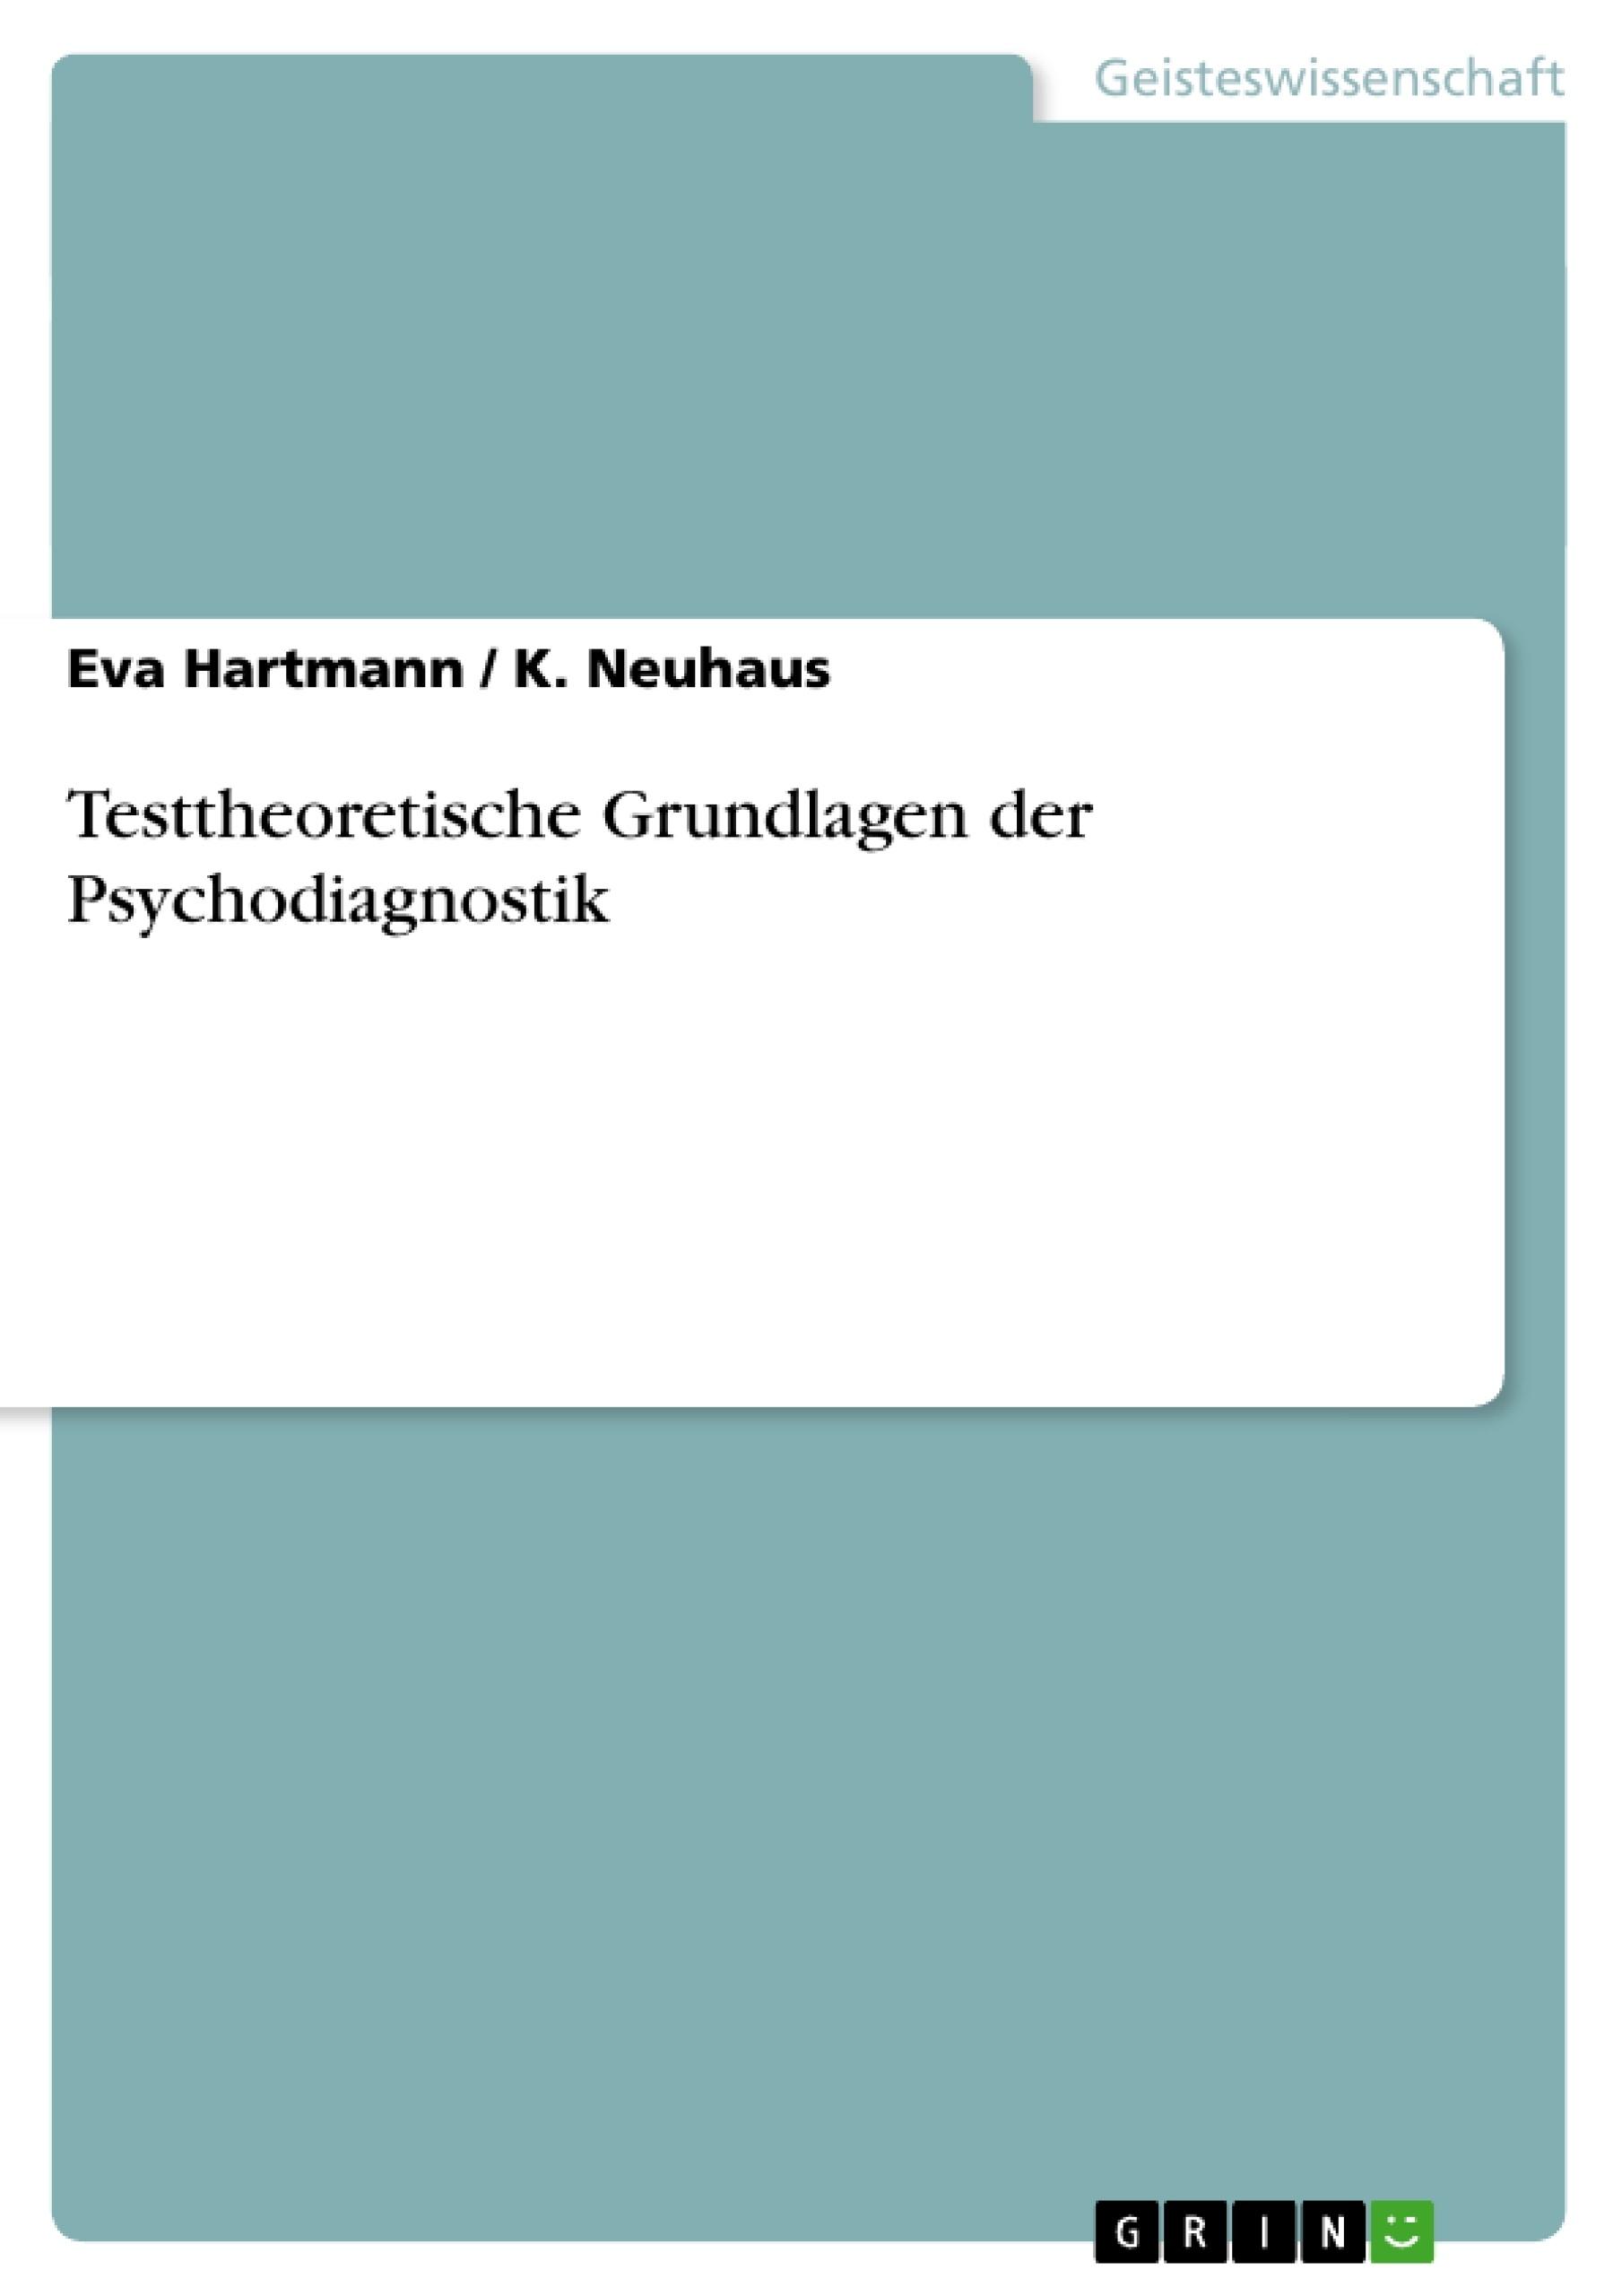 Titel: Testtheoretische Grundlagen der Psychodiagnostik